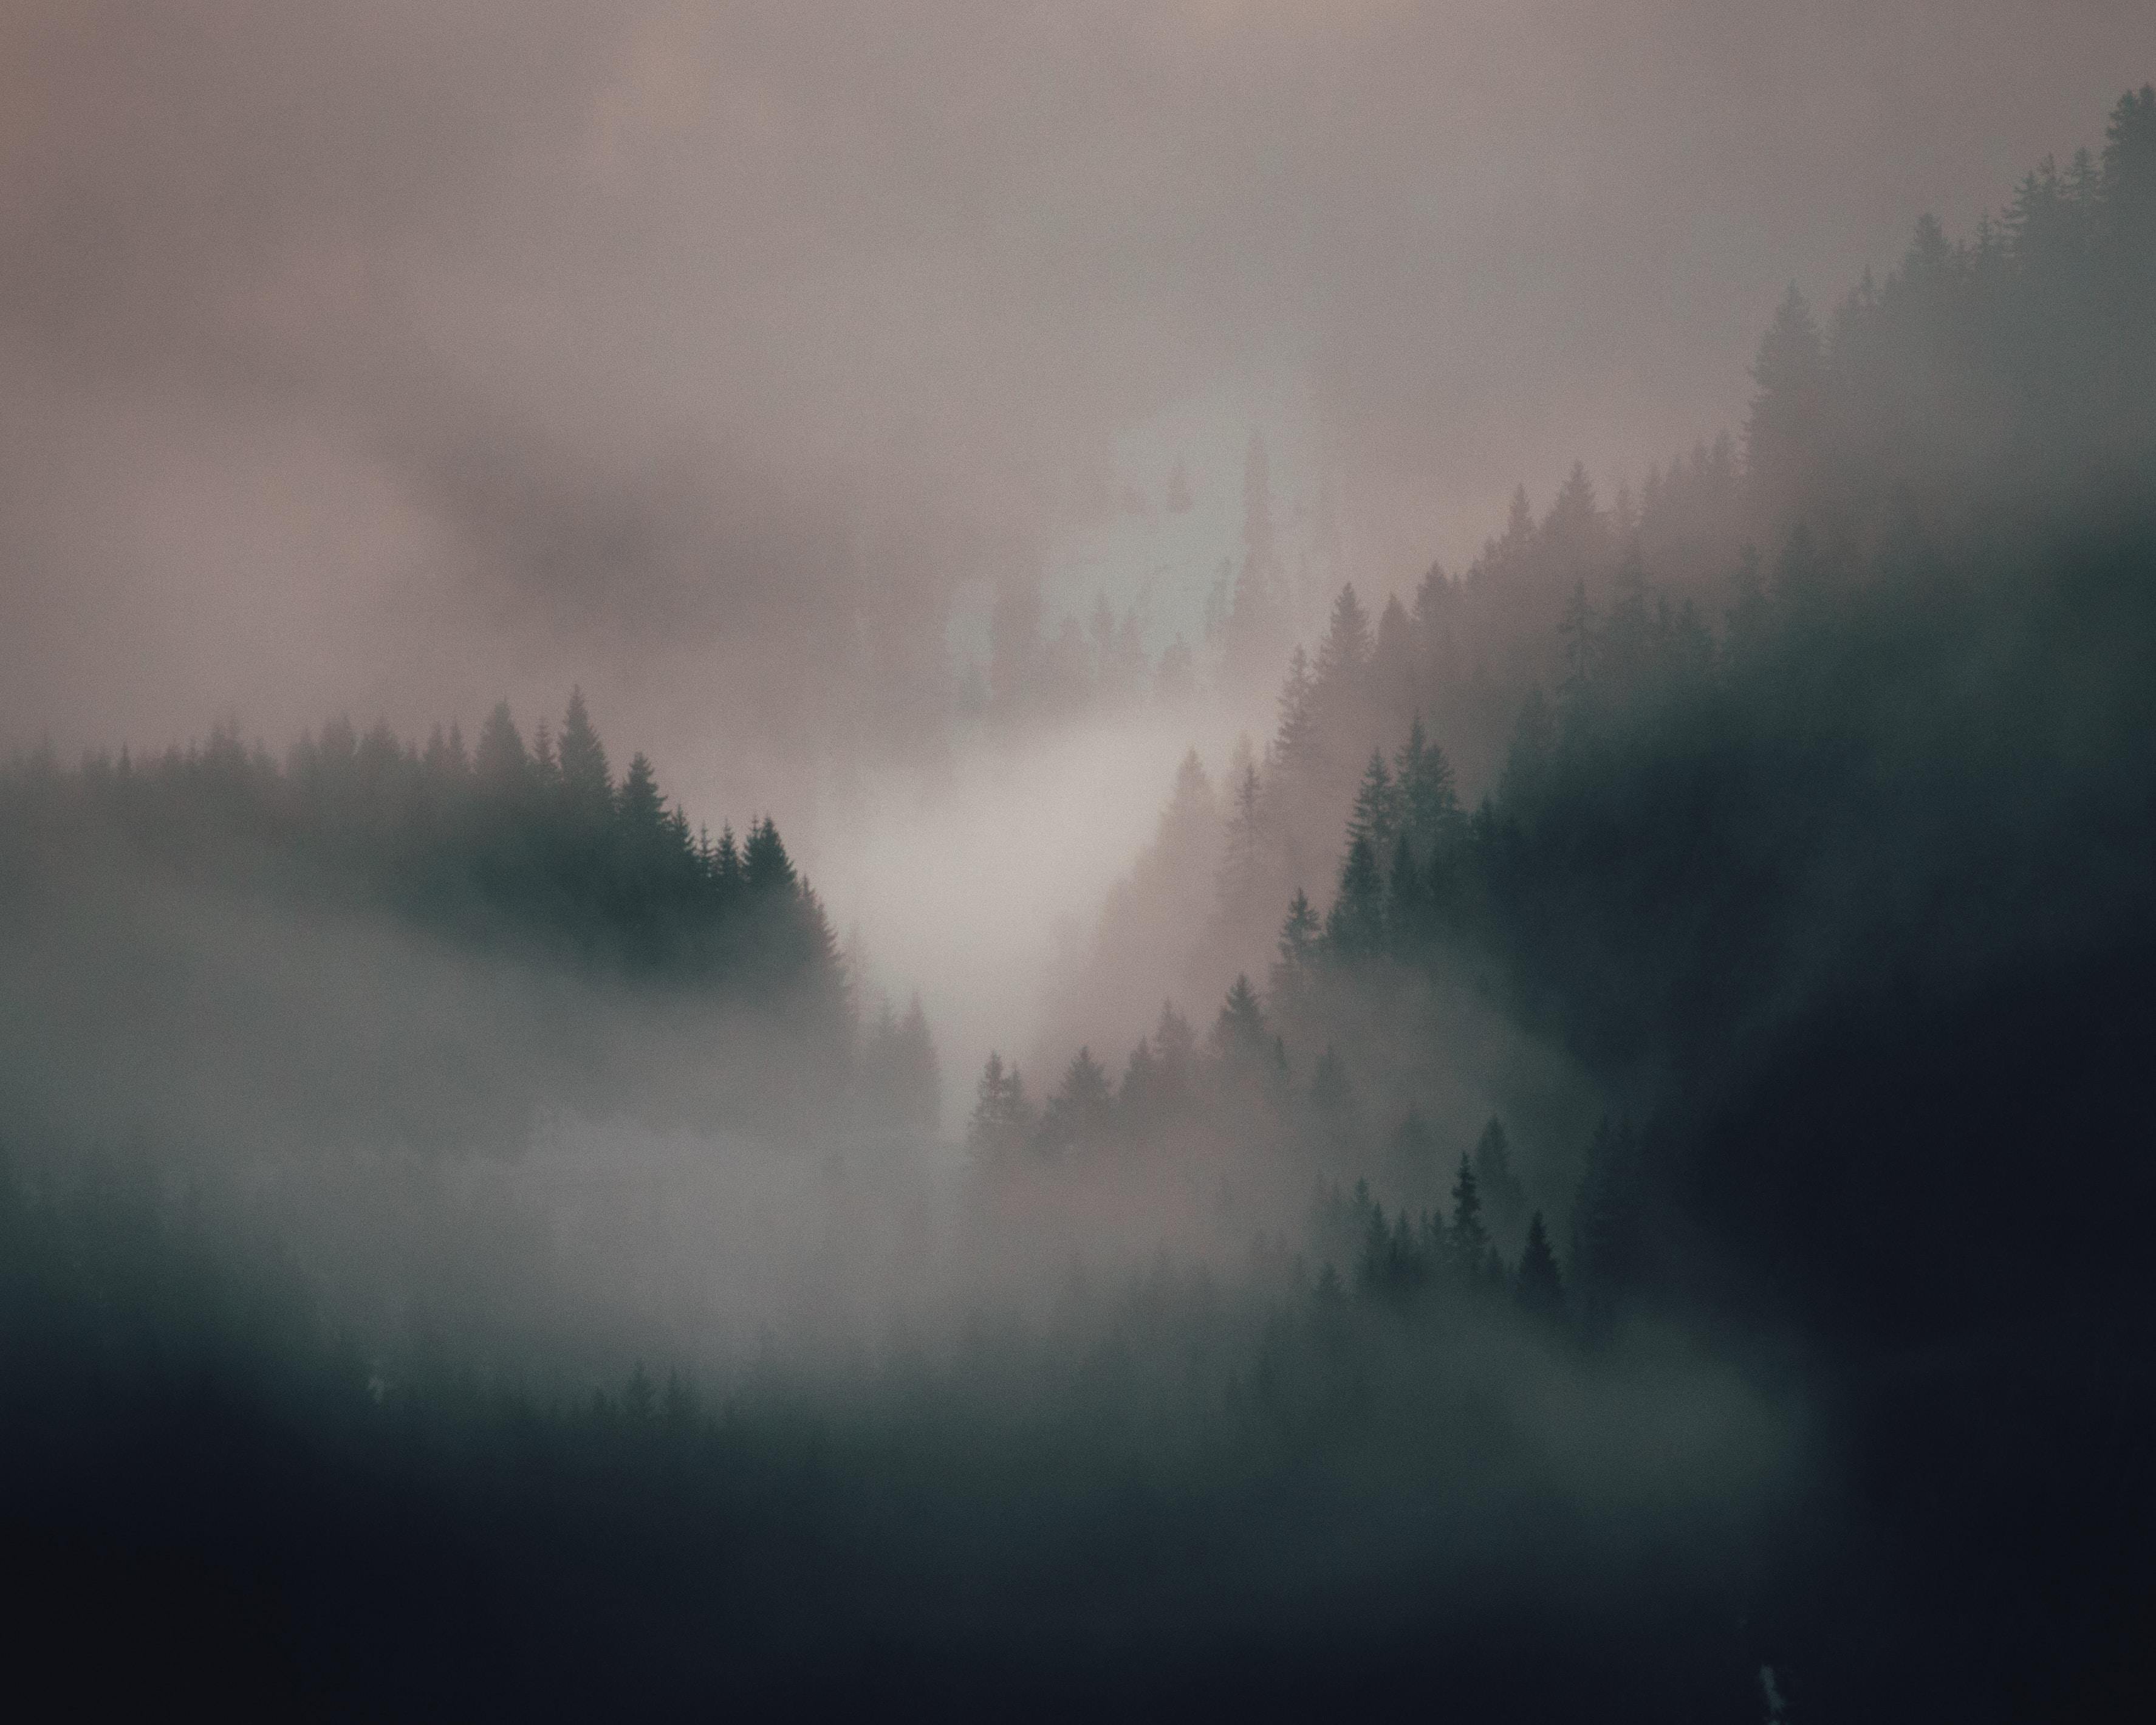 65223 Hintergrundbild 480x800 kostenlos auf deinem Handy, lade Bilder Natur, Bäume, Wald, Nebel, Die Hügel, Hügel 480x800 auf dein Handy herunter